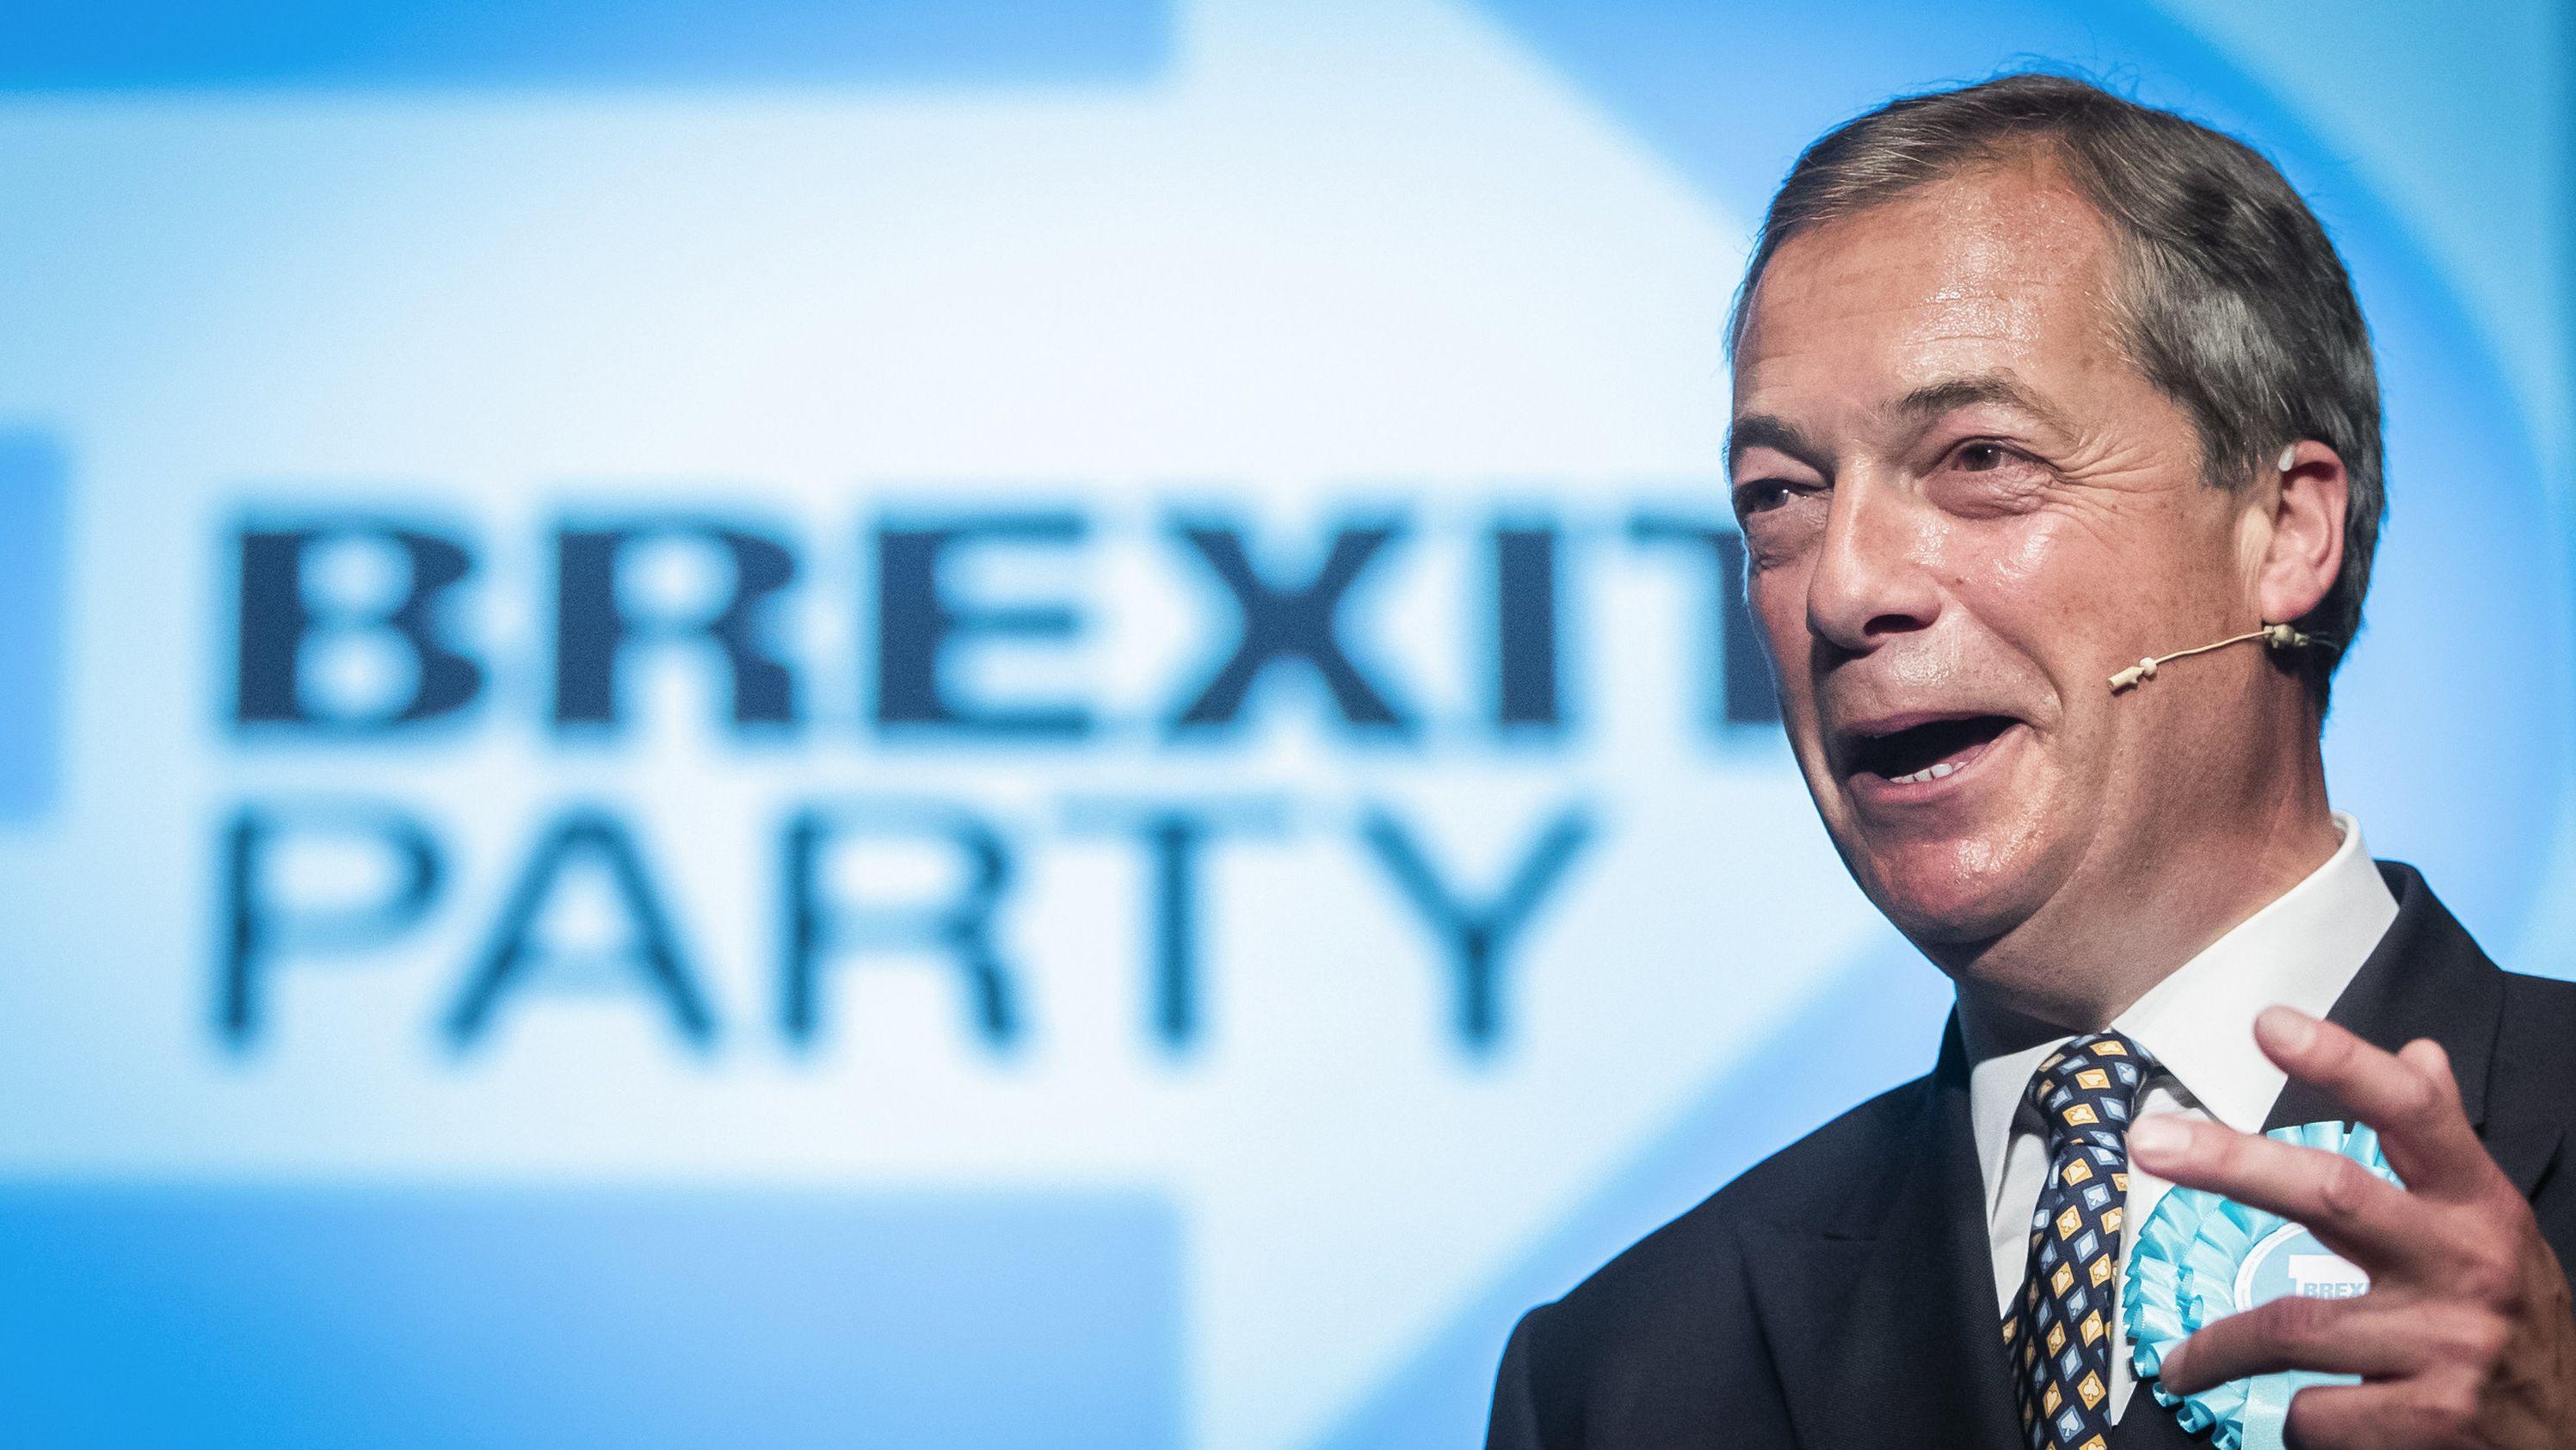 Archivbild: Nigel Farage, Parteiführer der Brexit-Partei, spricht bei einer Wahlkampfveranstaltung im Broadway Theater.